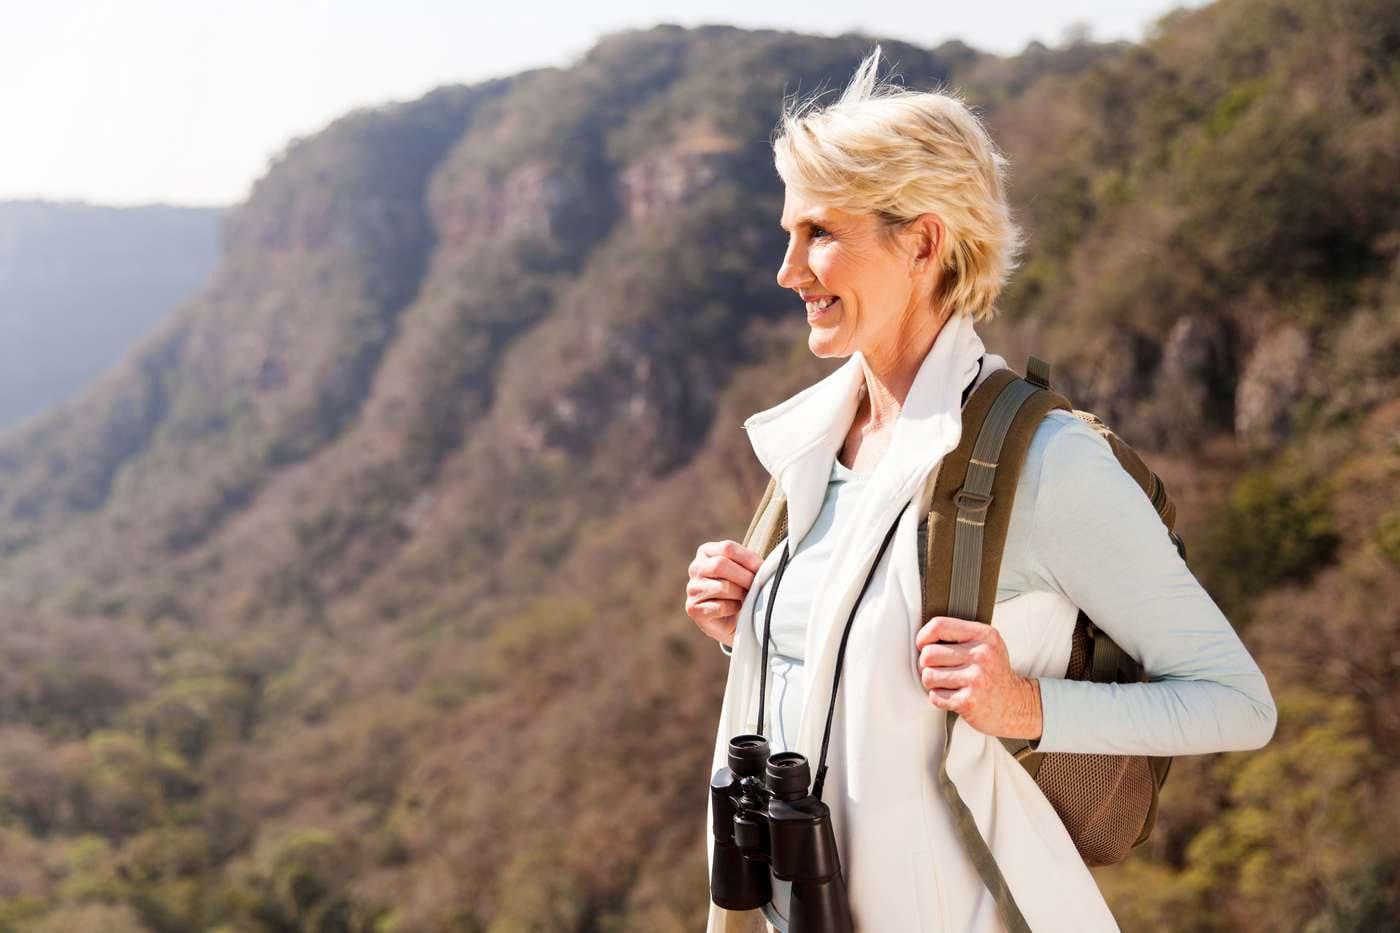 Menopauza și călătoriile: sfaturi de vacanță pentru controlul simptomelor